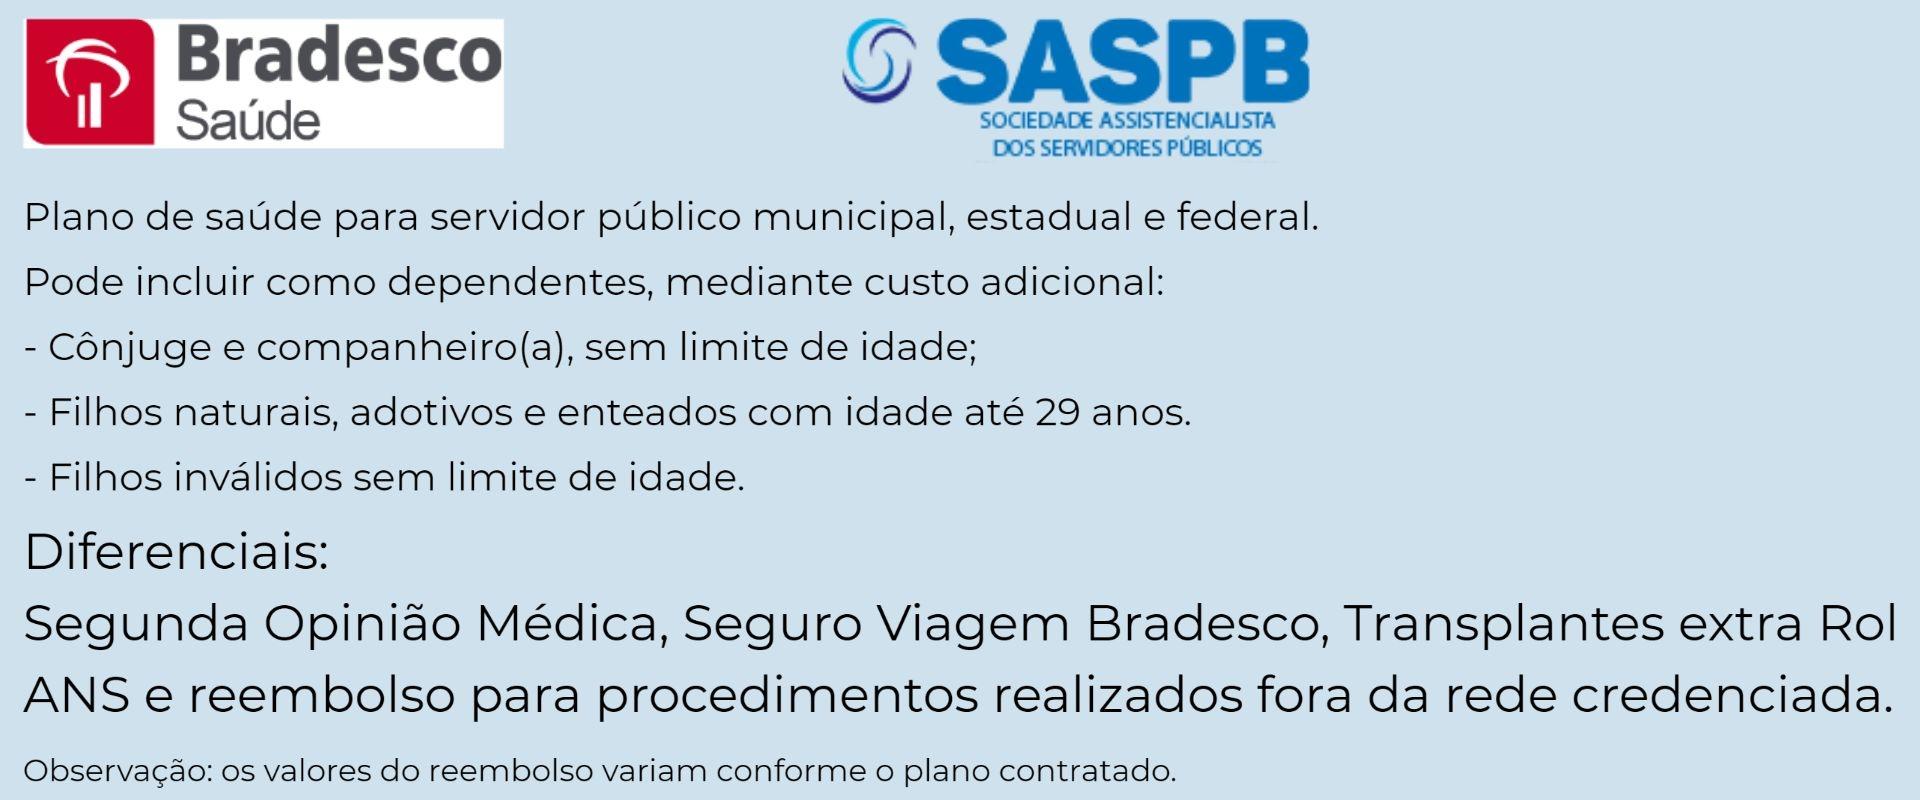 Bradesco Saúde SASPB-ES